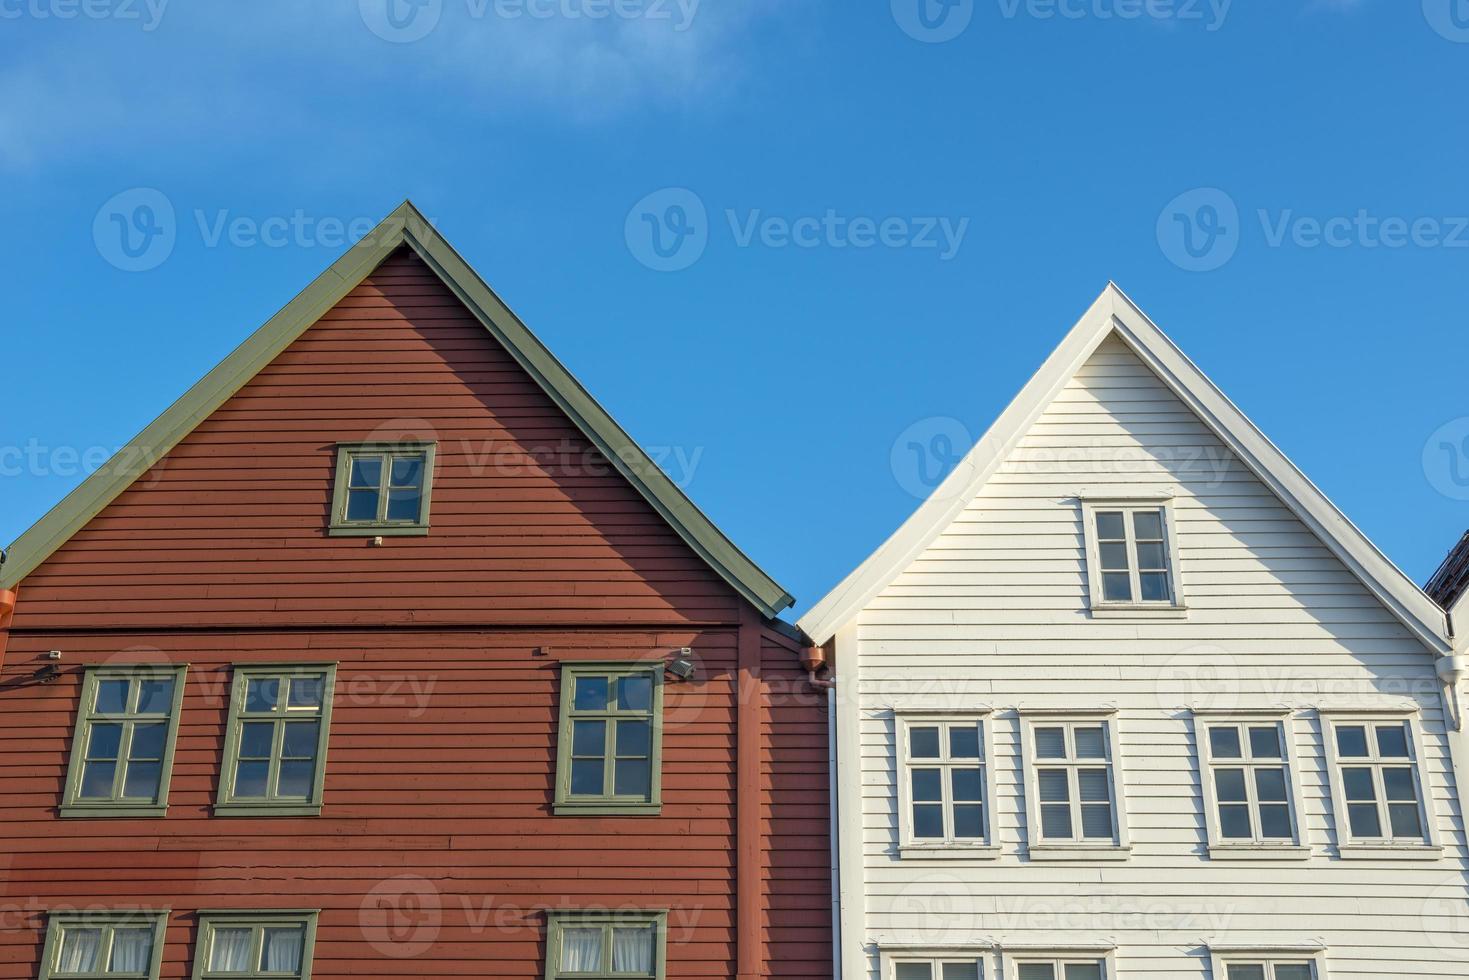 historische gebouwen van bryggen in de stad bergen, noorwegen foto